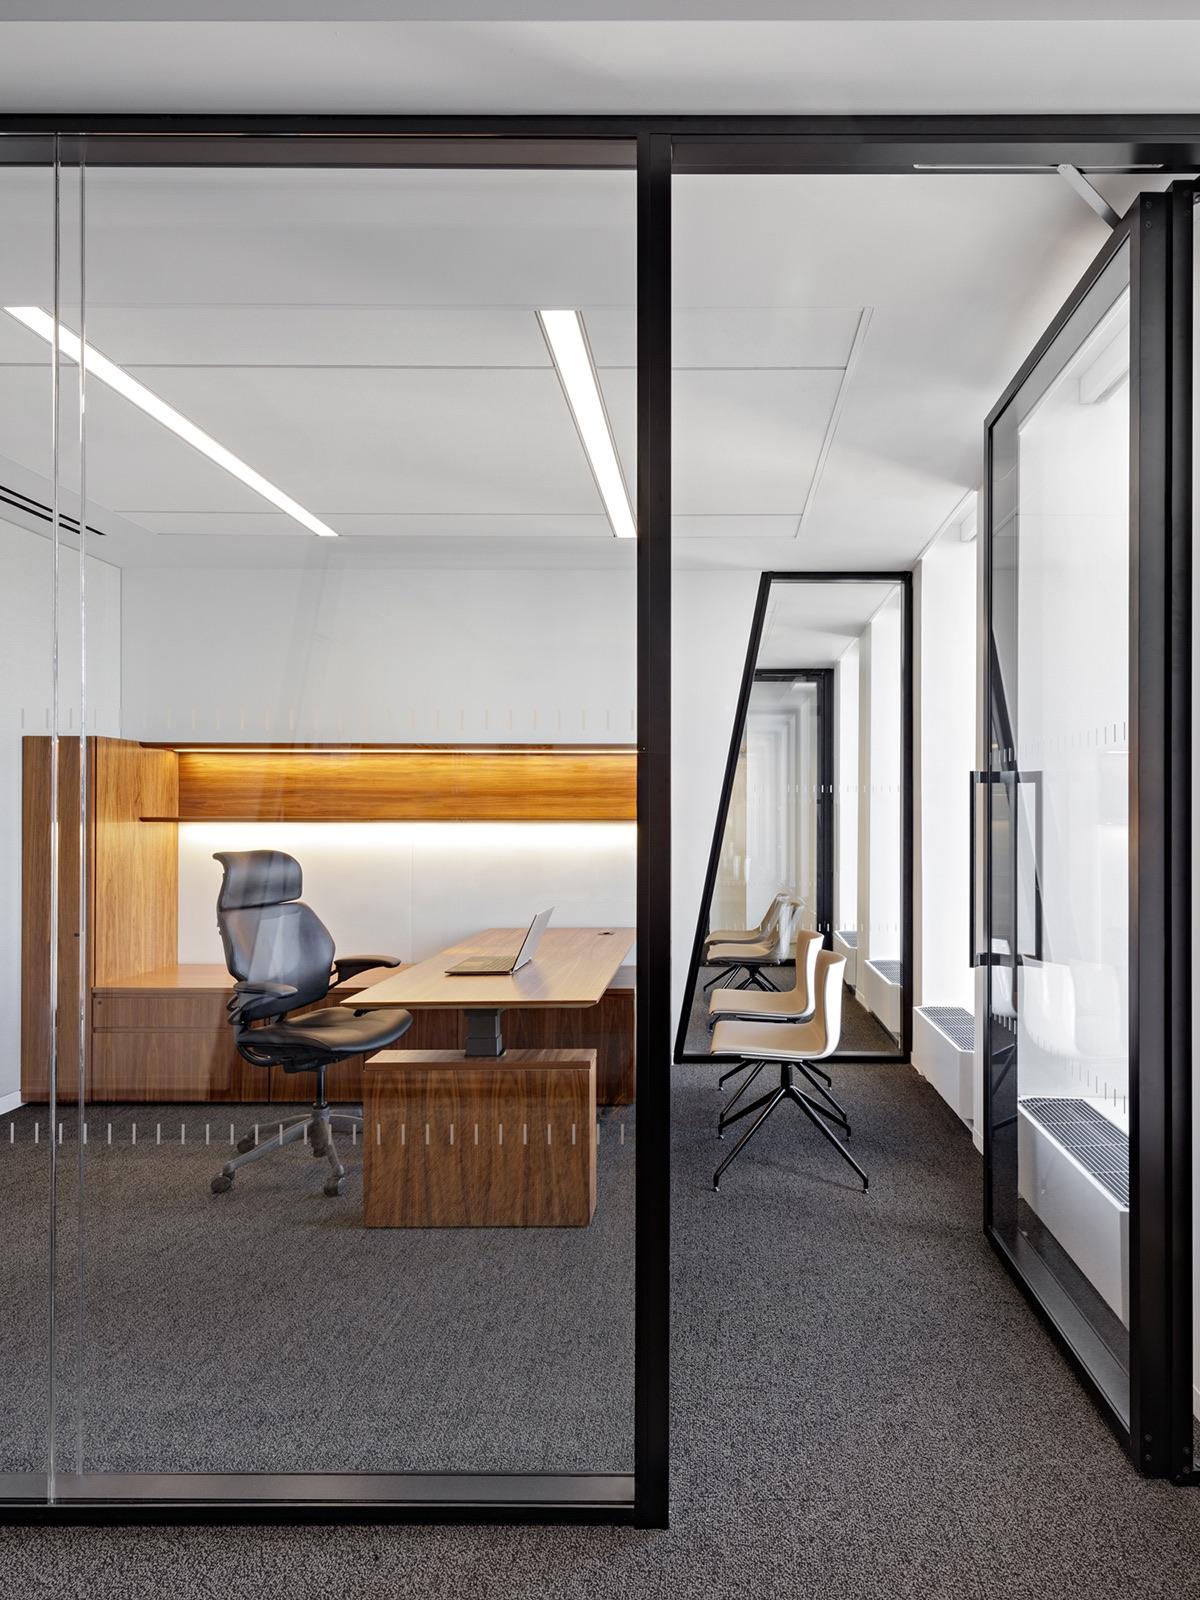 waterfall-asset-management-office-17